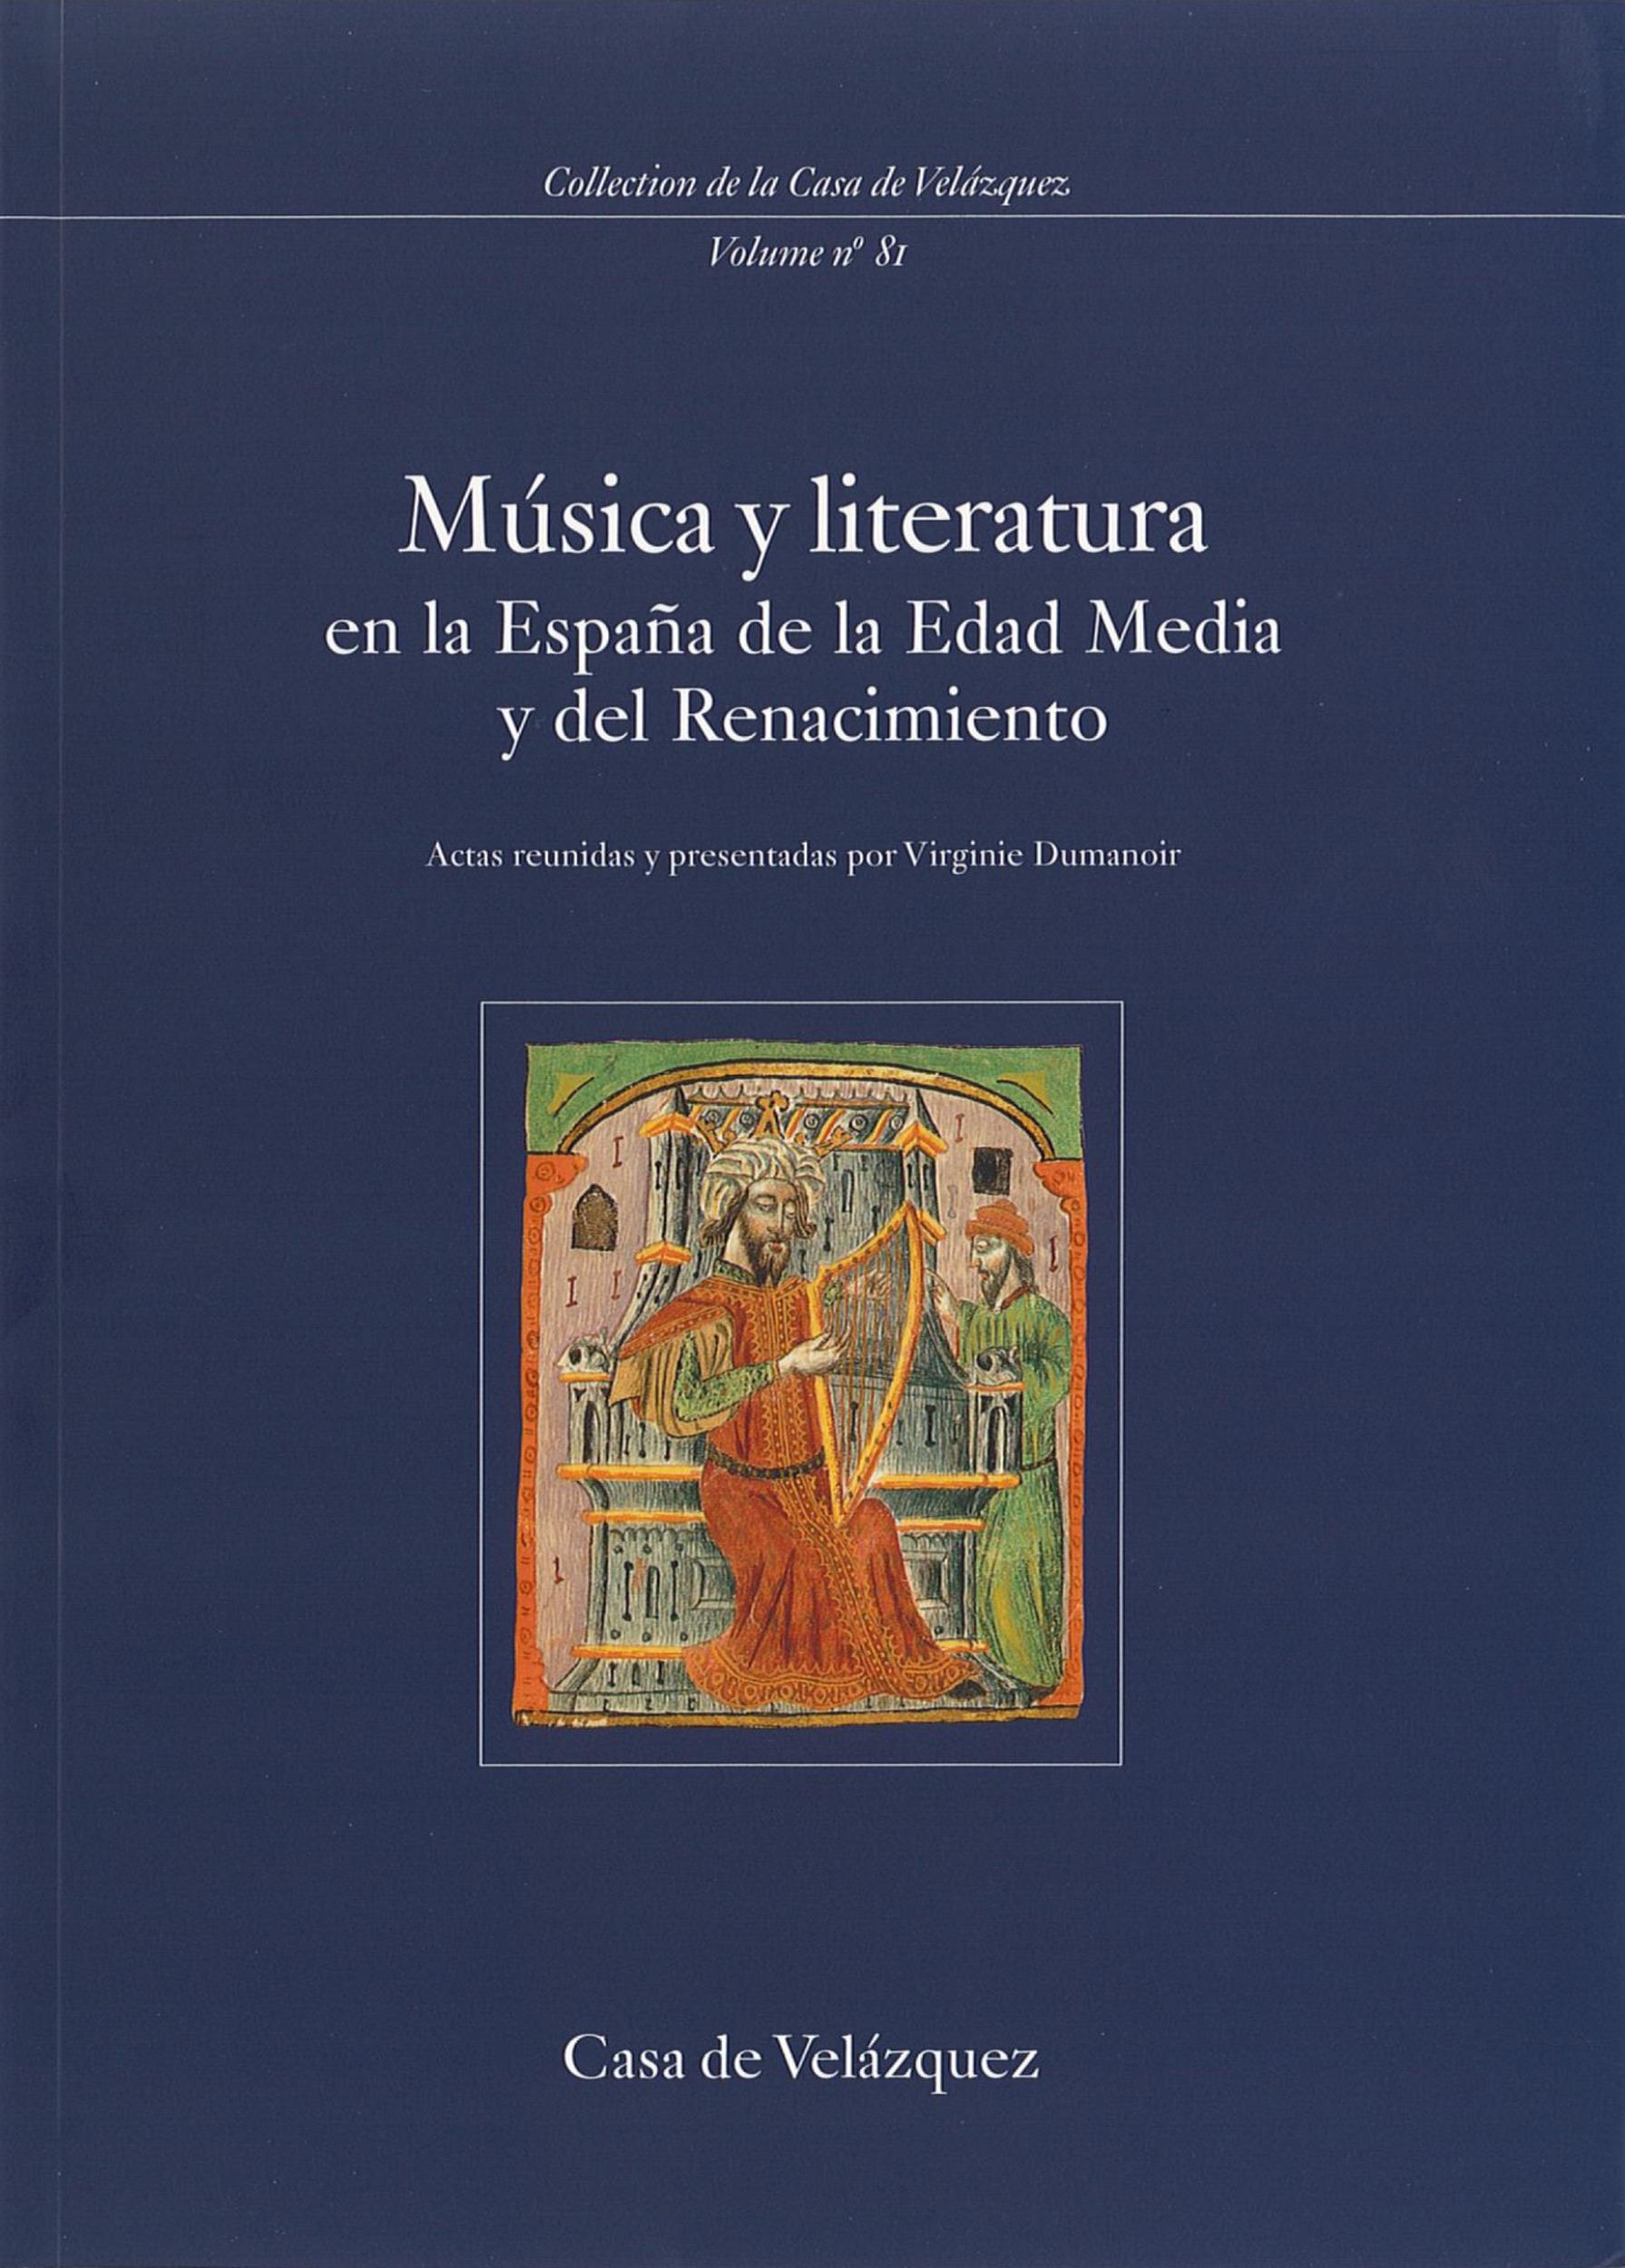 Virginie Dumanoir Música y literatura en la España de la Edad Media y del Renacimiento